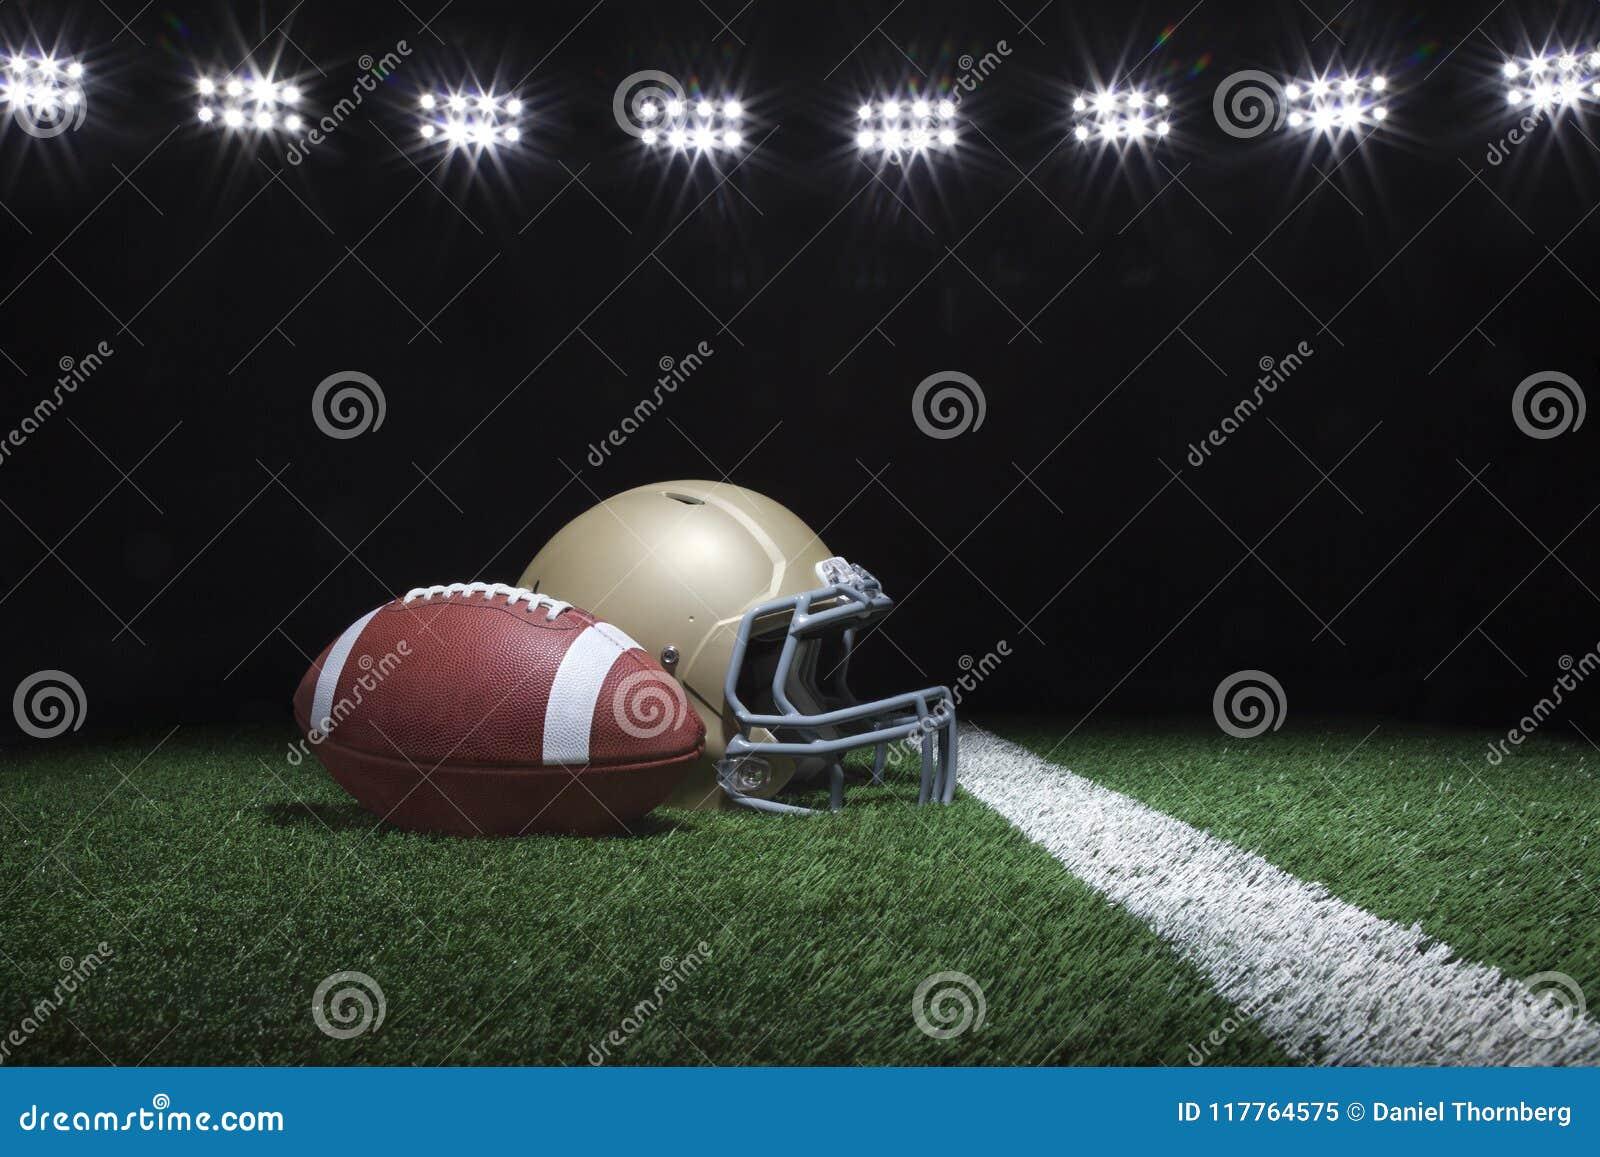 Fotboll och hjälm på gräsfält nedanför stadionljus på natten